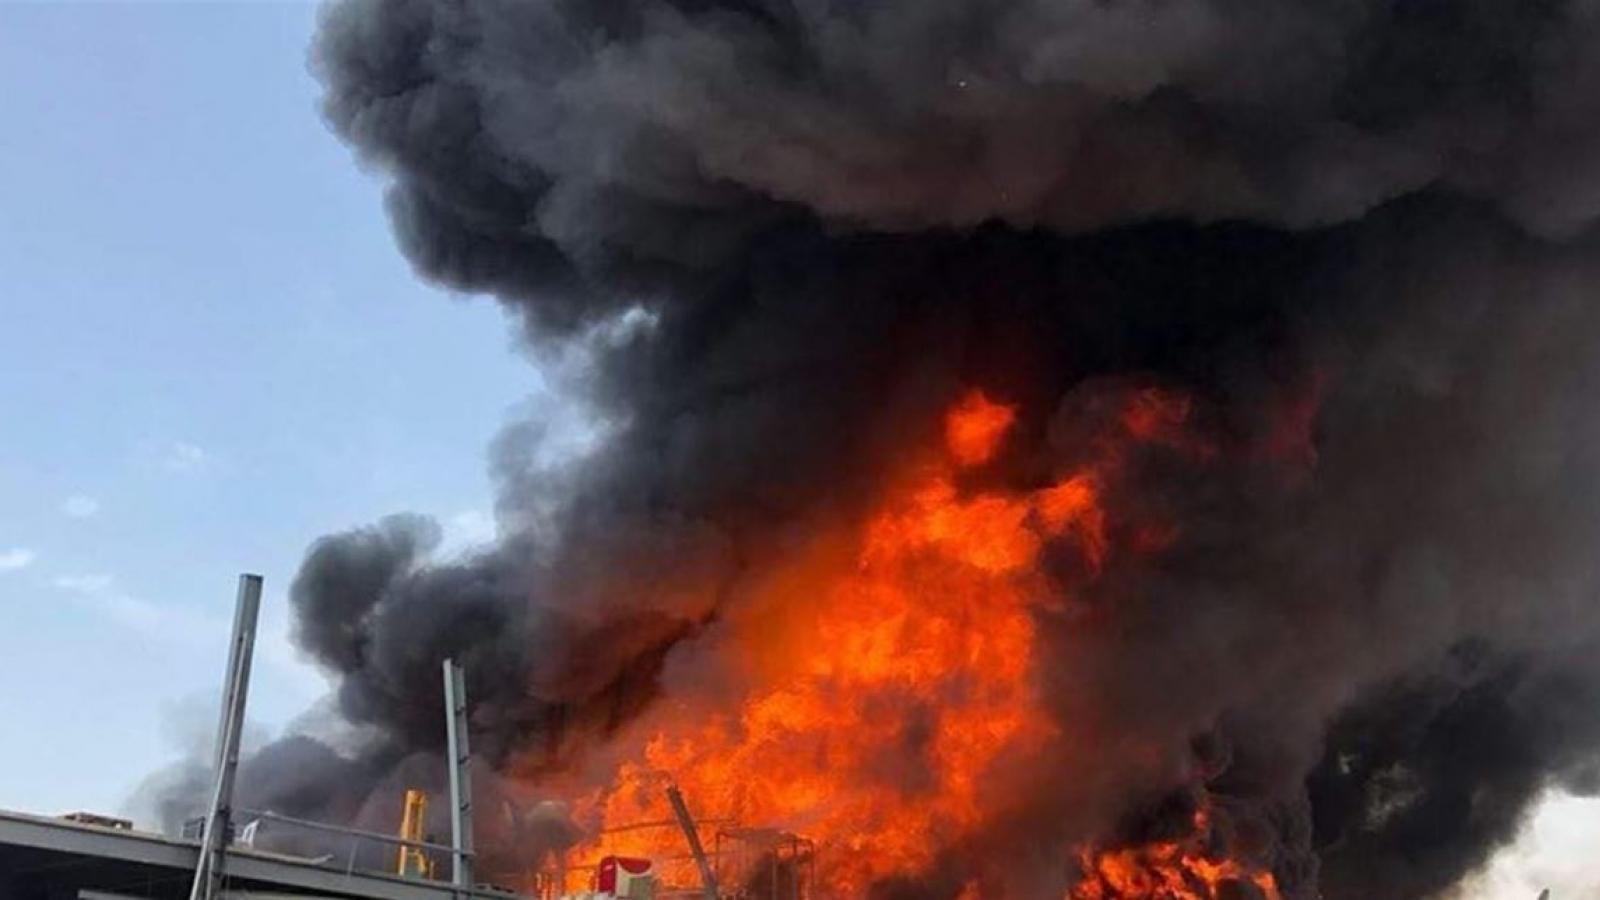 Khẩn trương điều tra, làm rõ trách nhiệm vụ cháy ở cảng Beirut của Lebanon